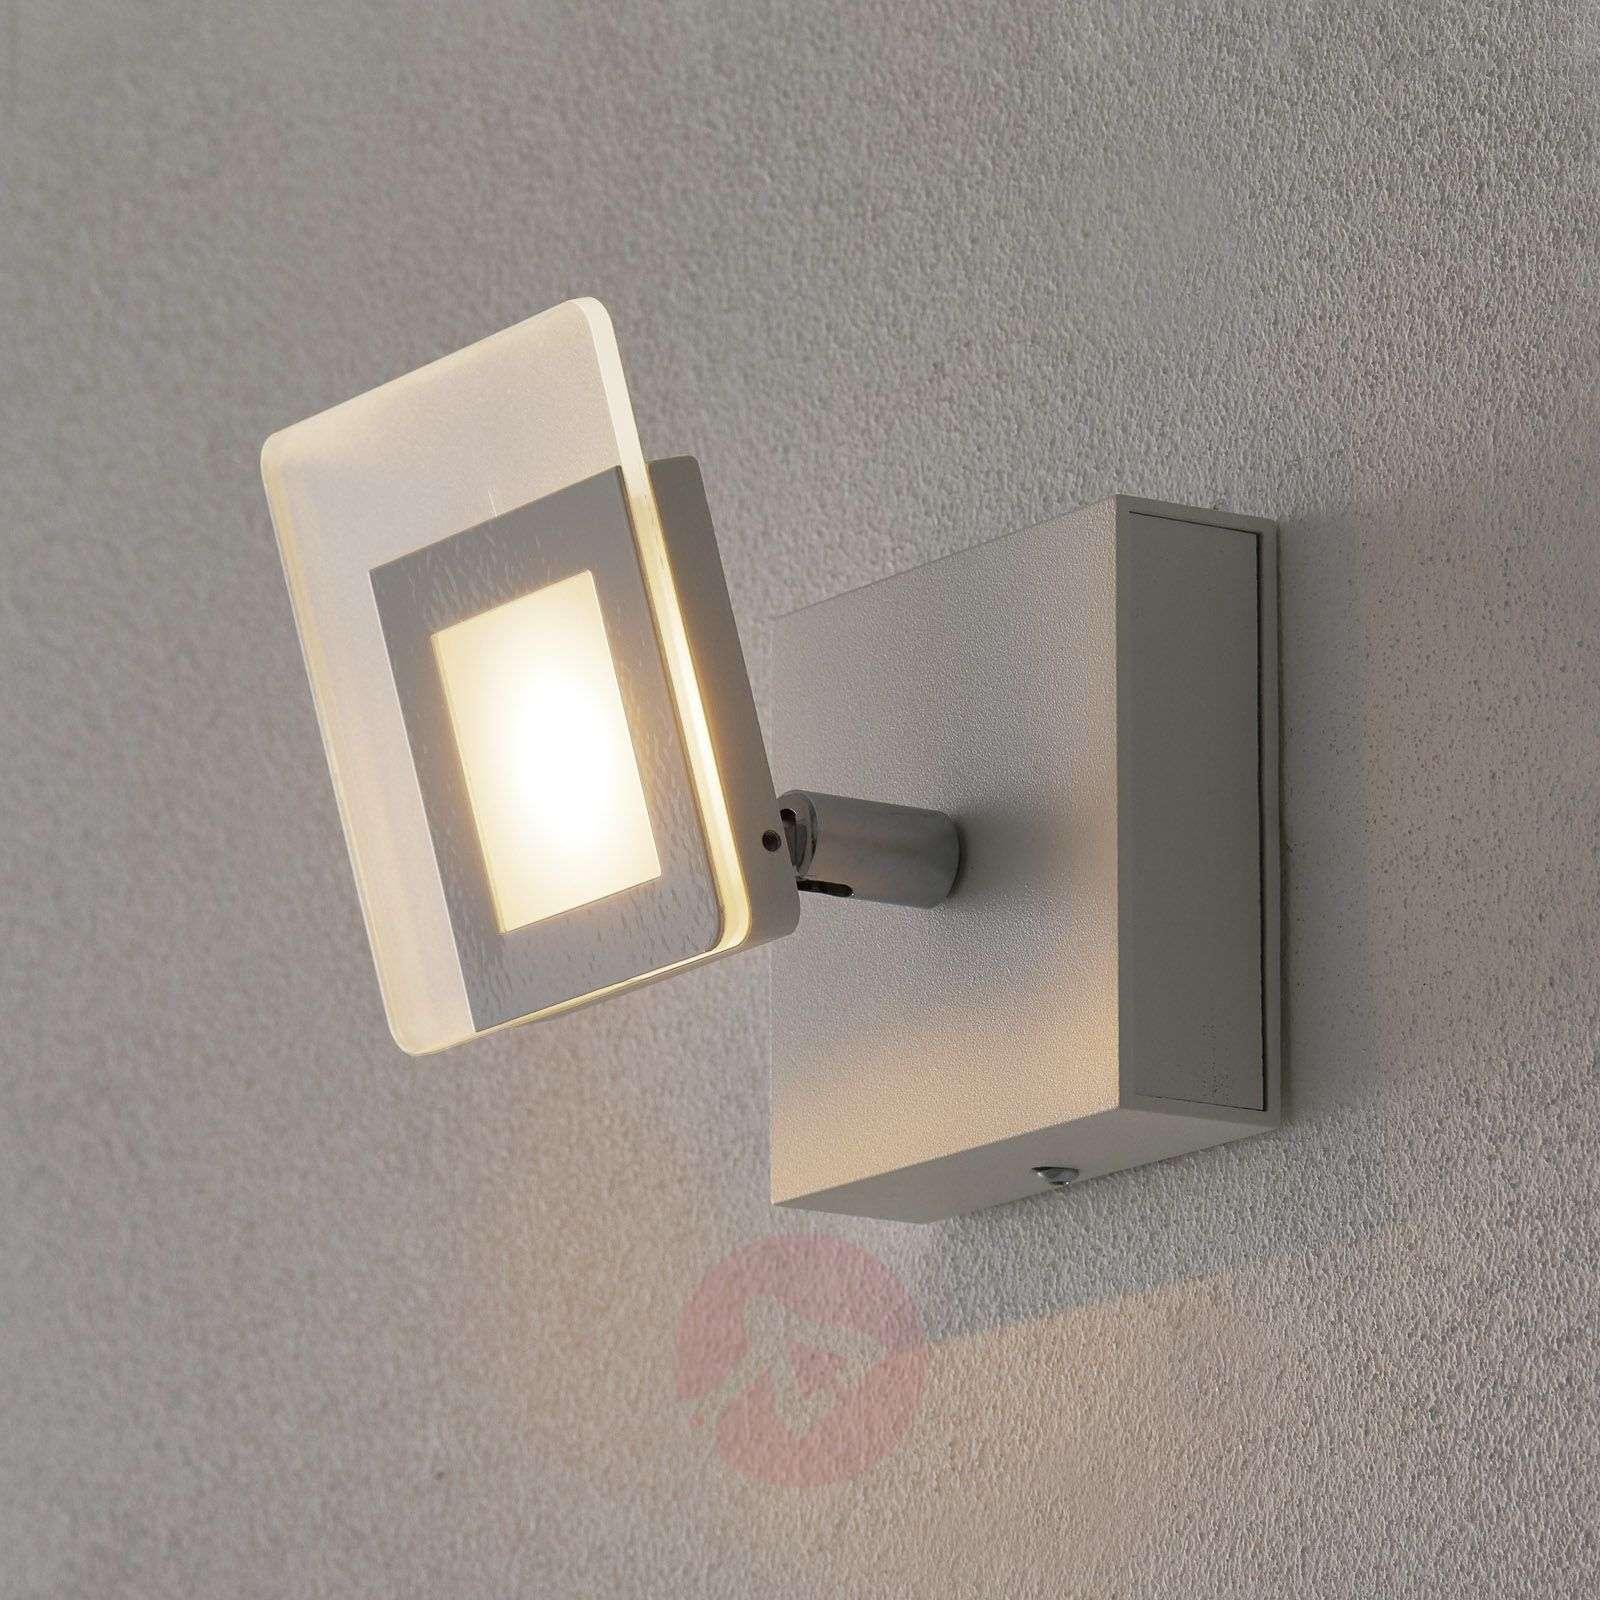 Valkoinen LED-seinäspotti Line-1556073-01